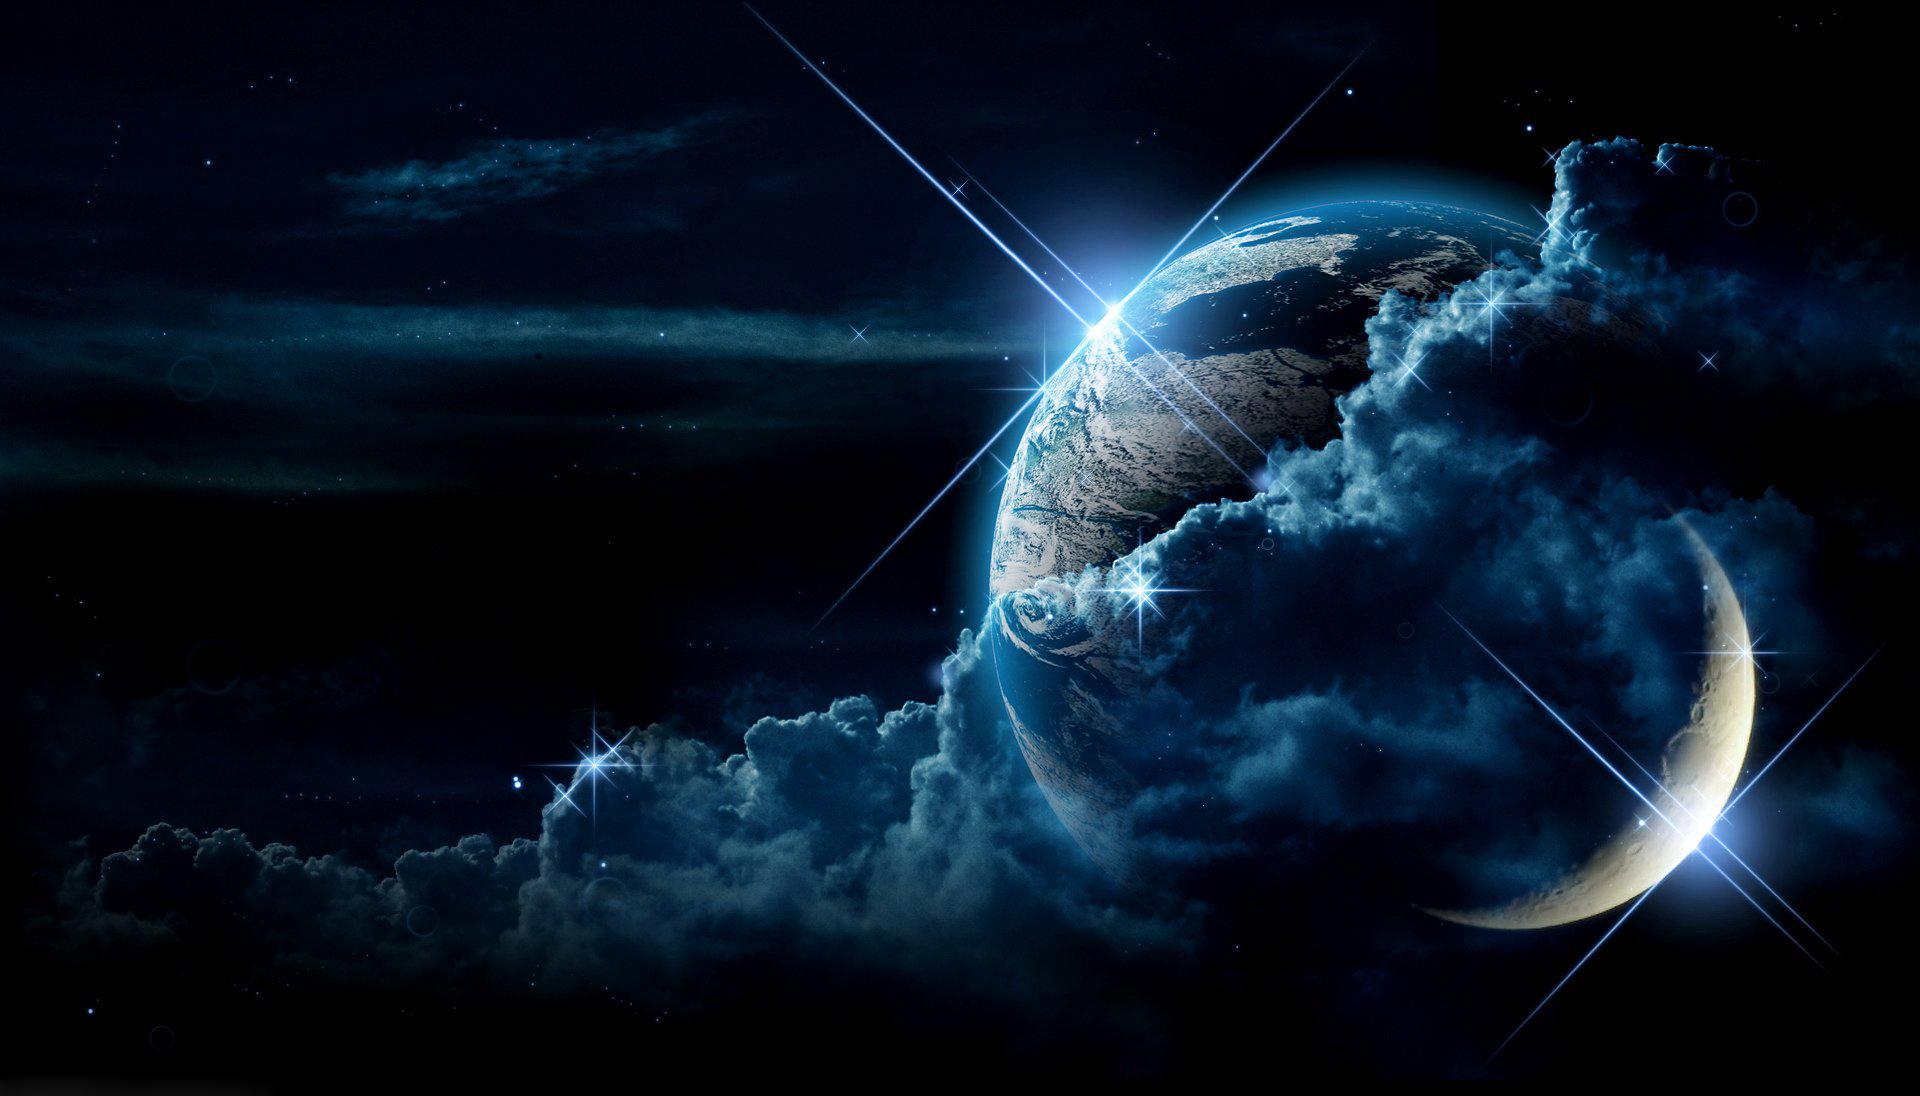 70471 скачать обои Космос, Свет, Планета, Облака, Звезды - заставки и картинки бесплатно